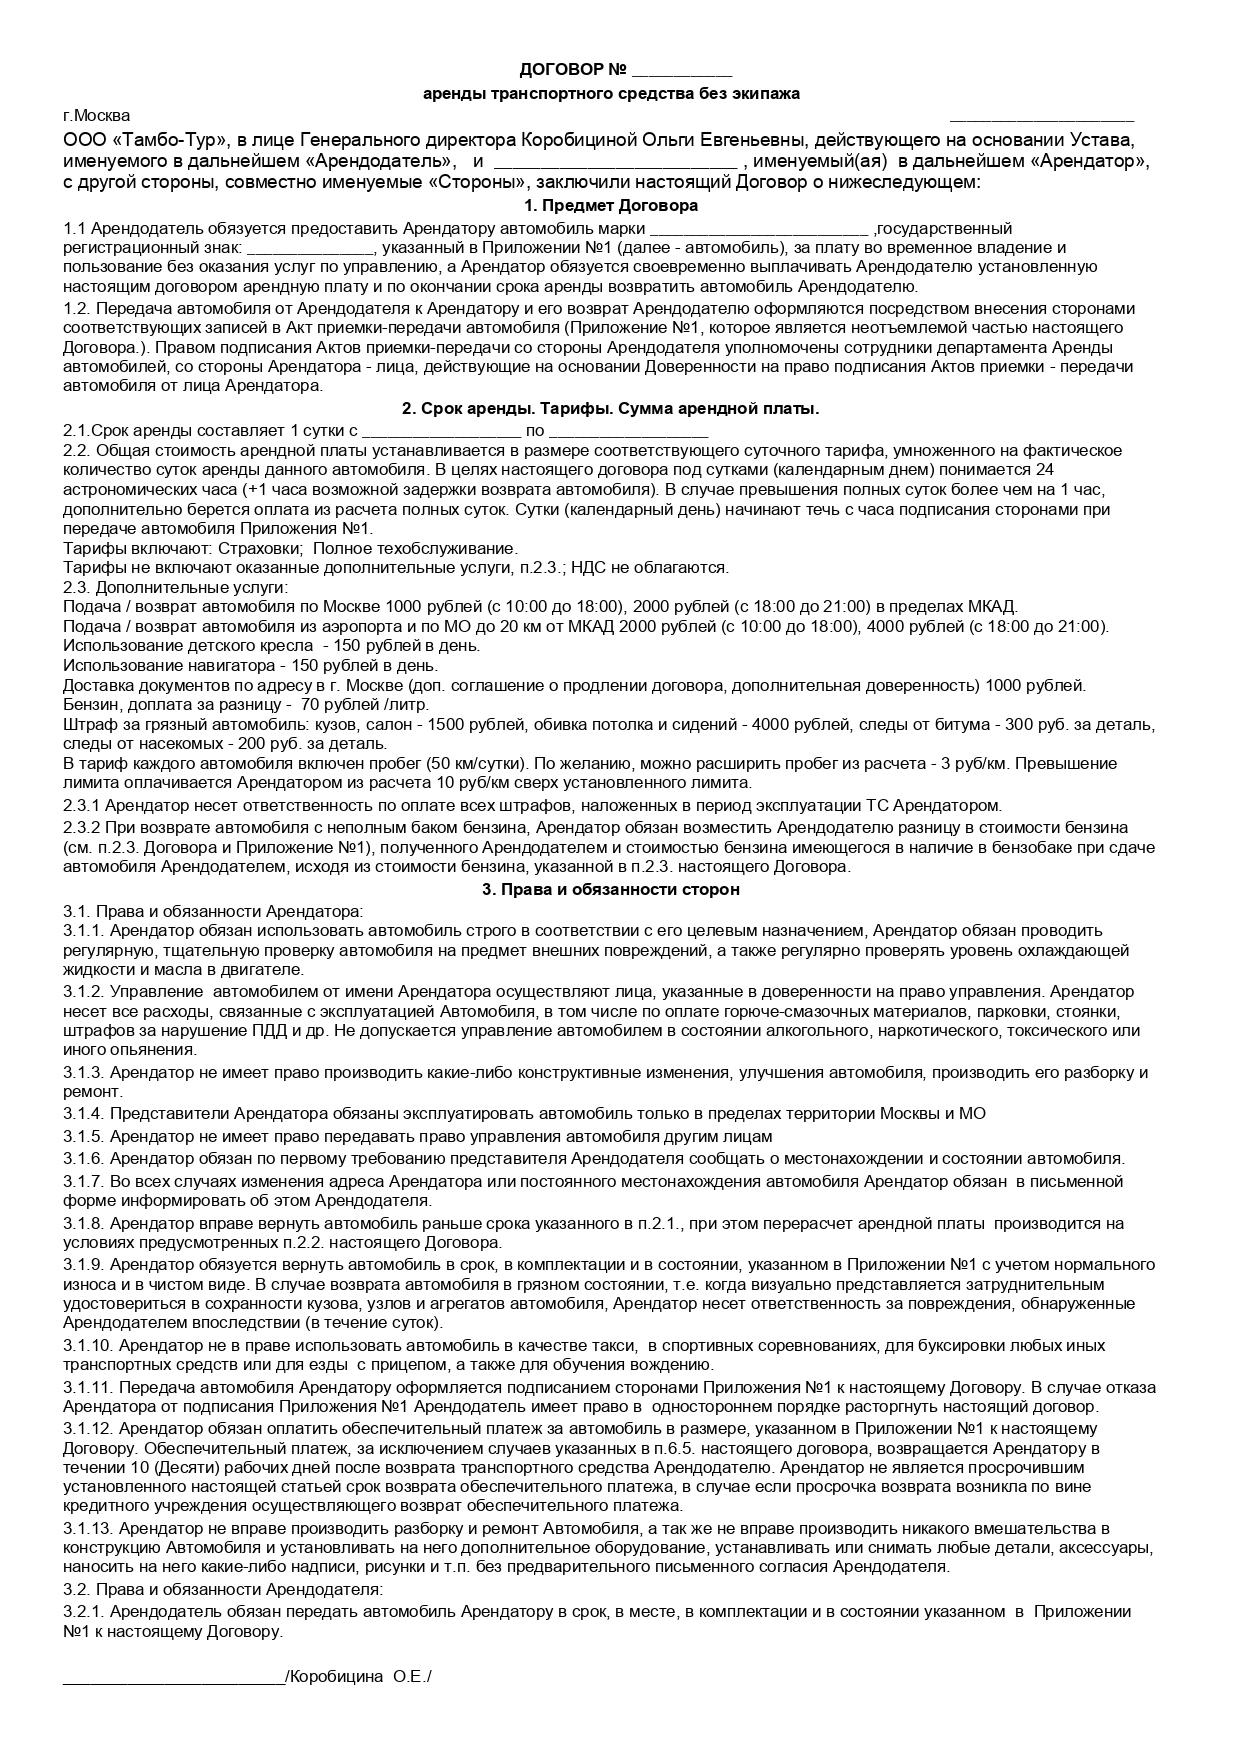 Пример договора BizRental лист 1